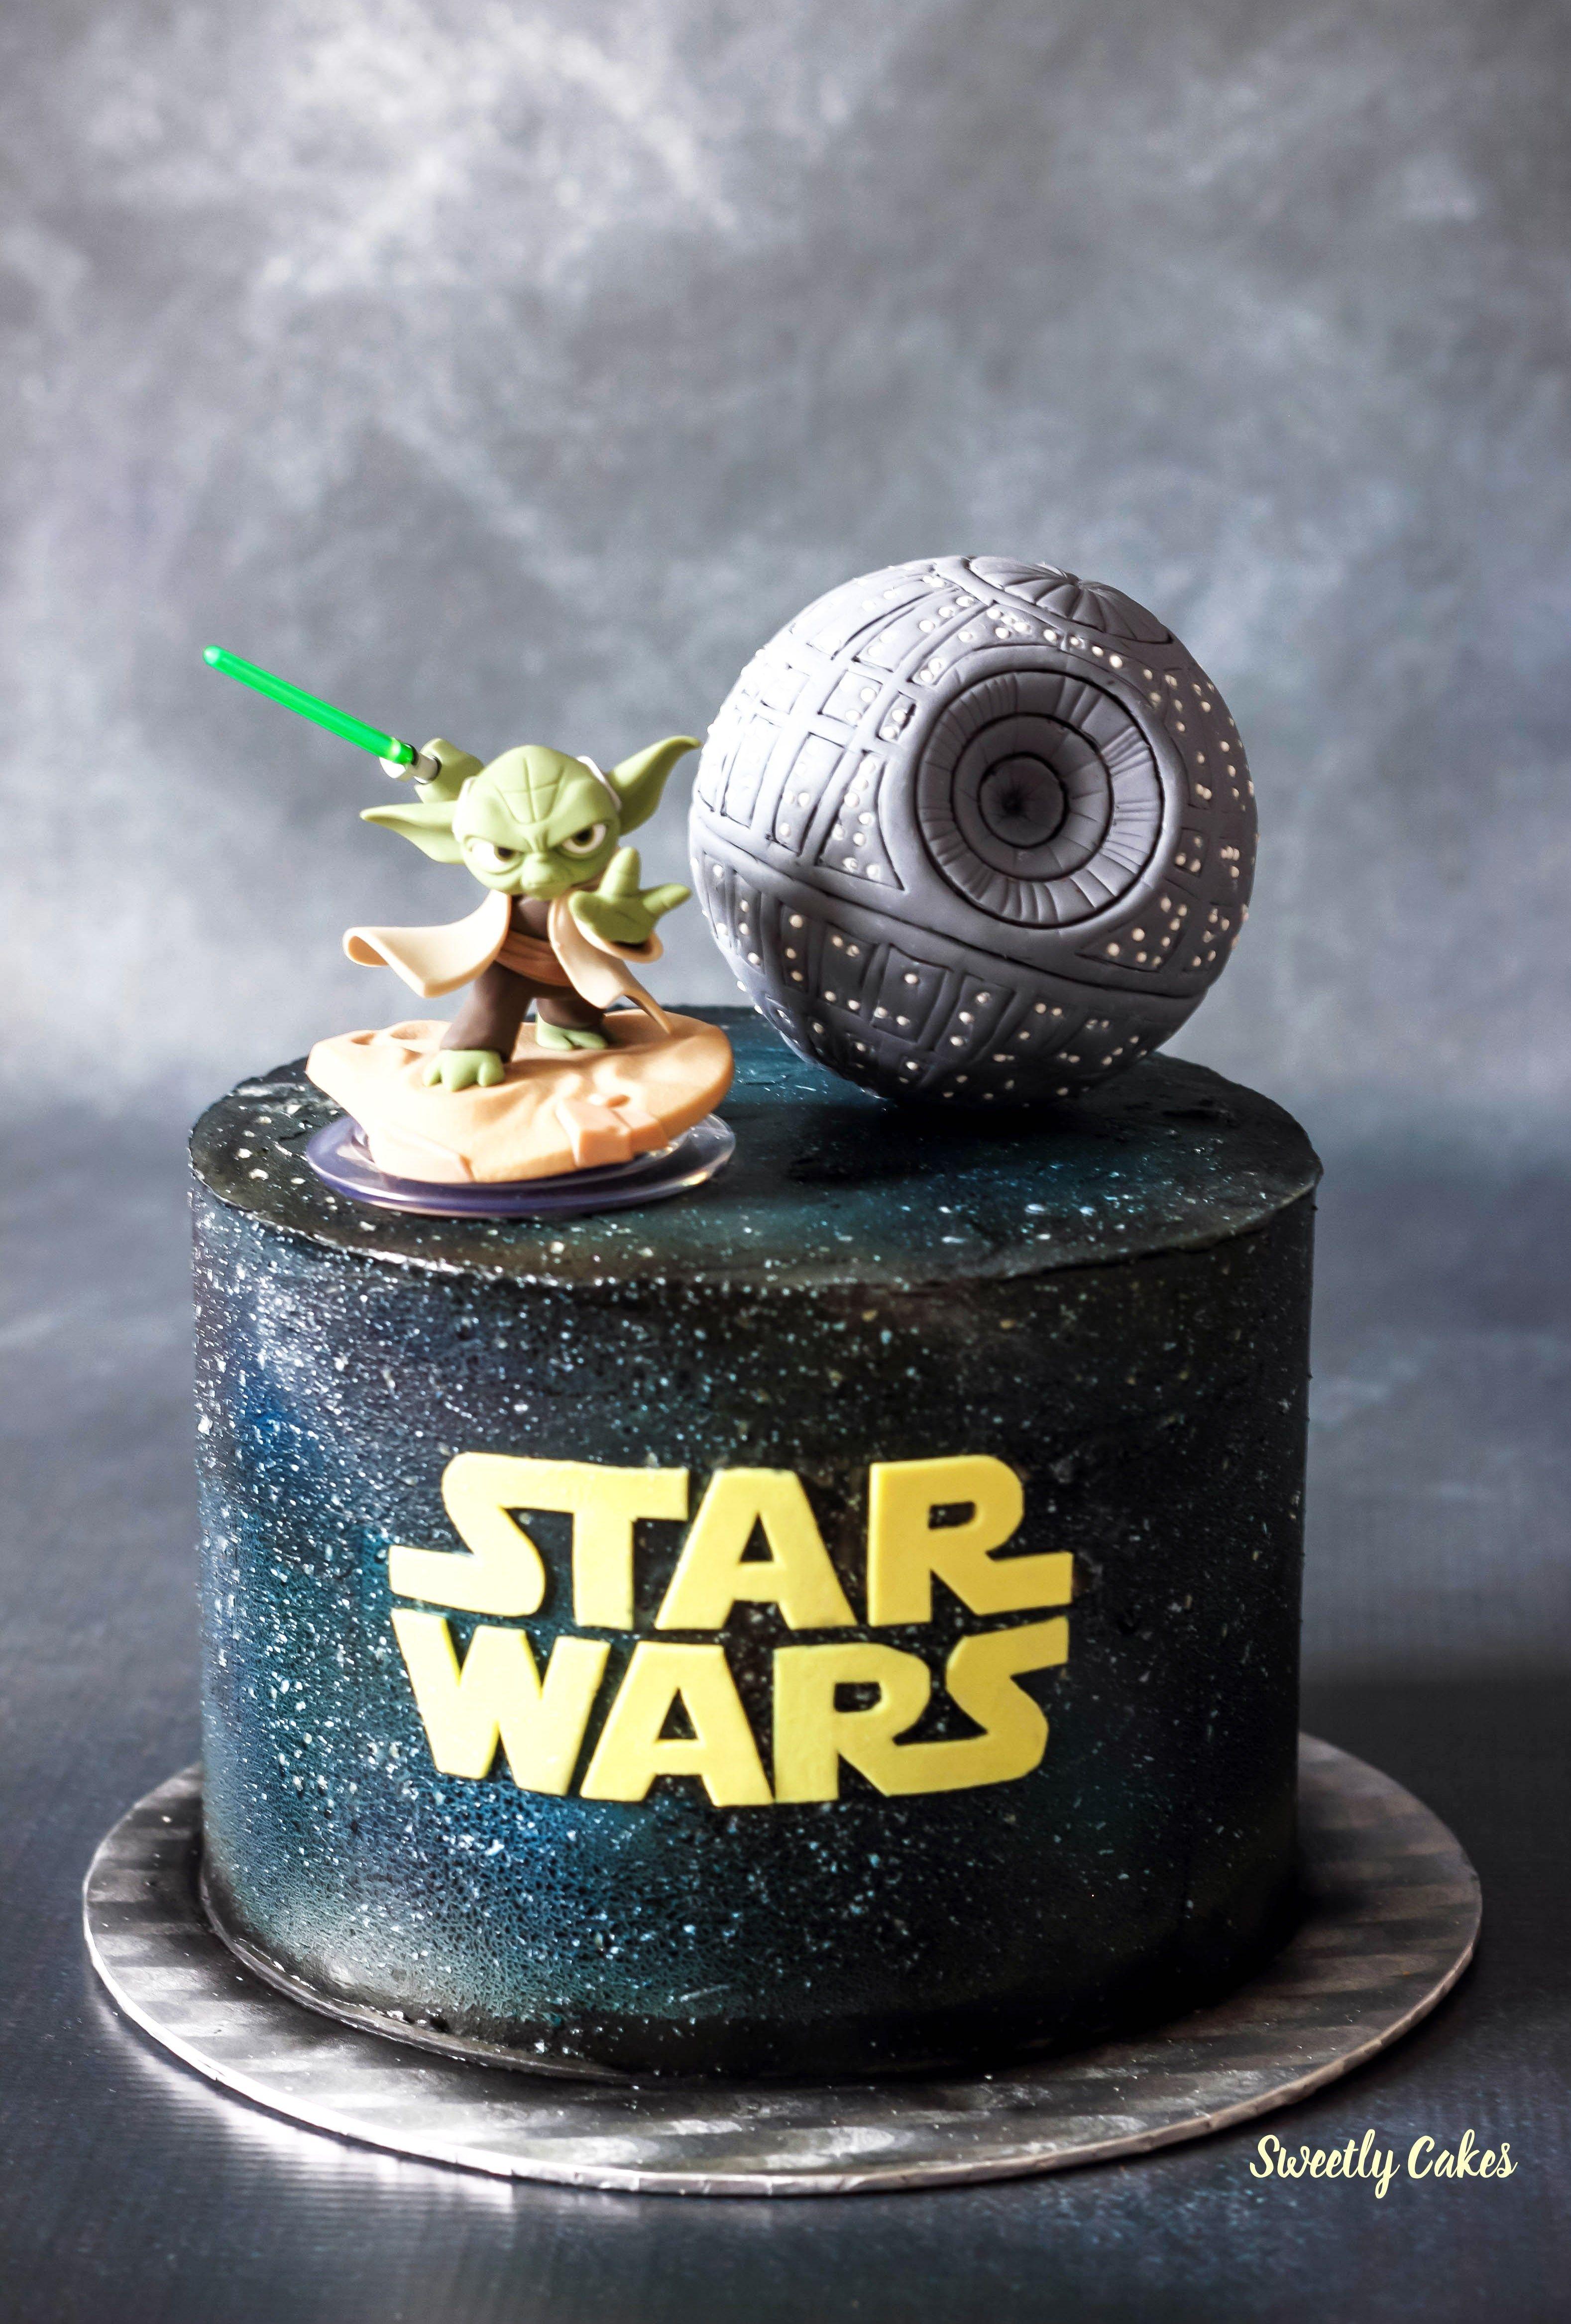 Starwarscakegalaxycake party cake ideas Pinterest Cake Star